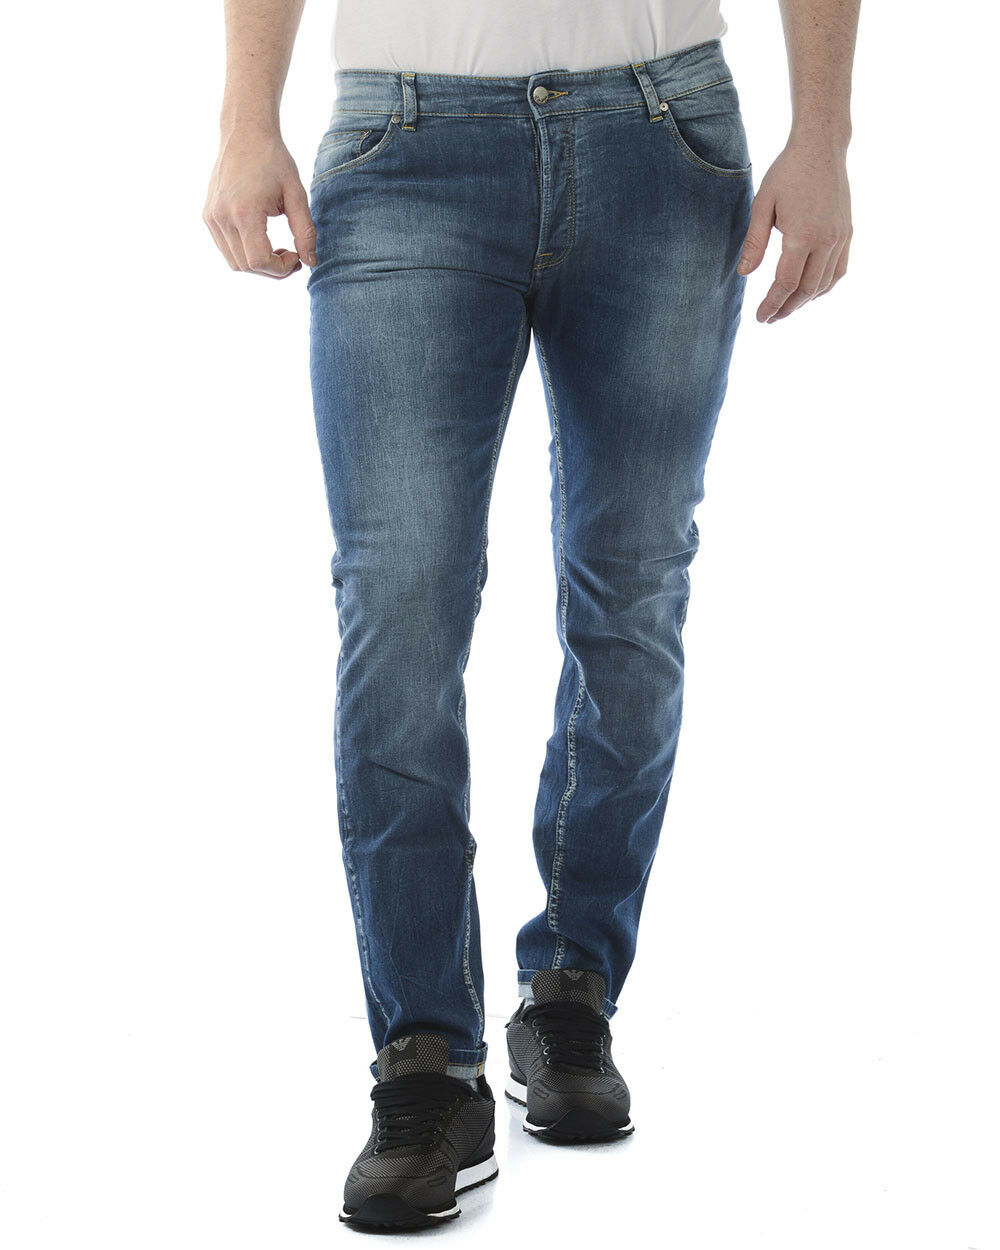 Jeans Daniele Alessandrini Jeans Cotone men Denim PJ4610L4803702 1111